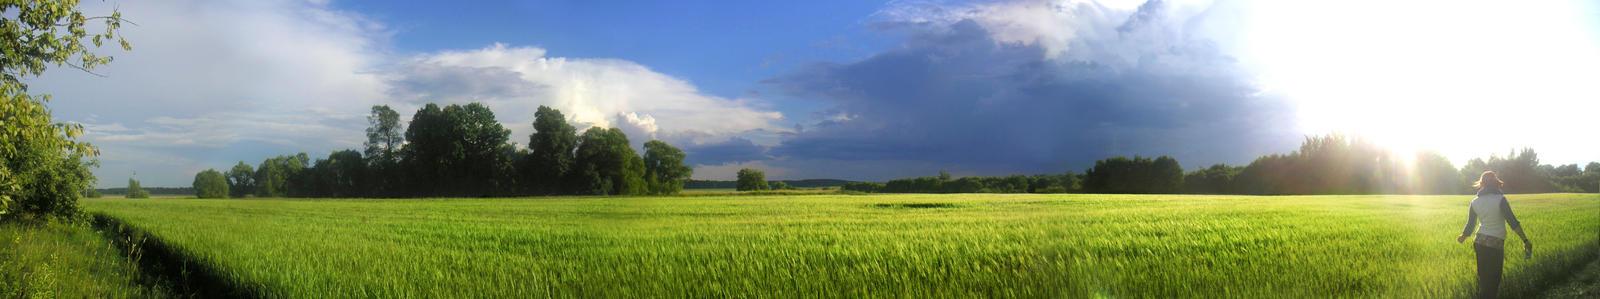 Panoramic view? by velvetcat